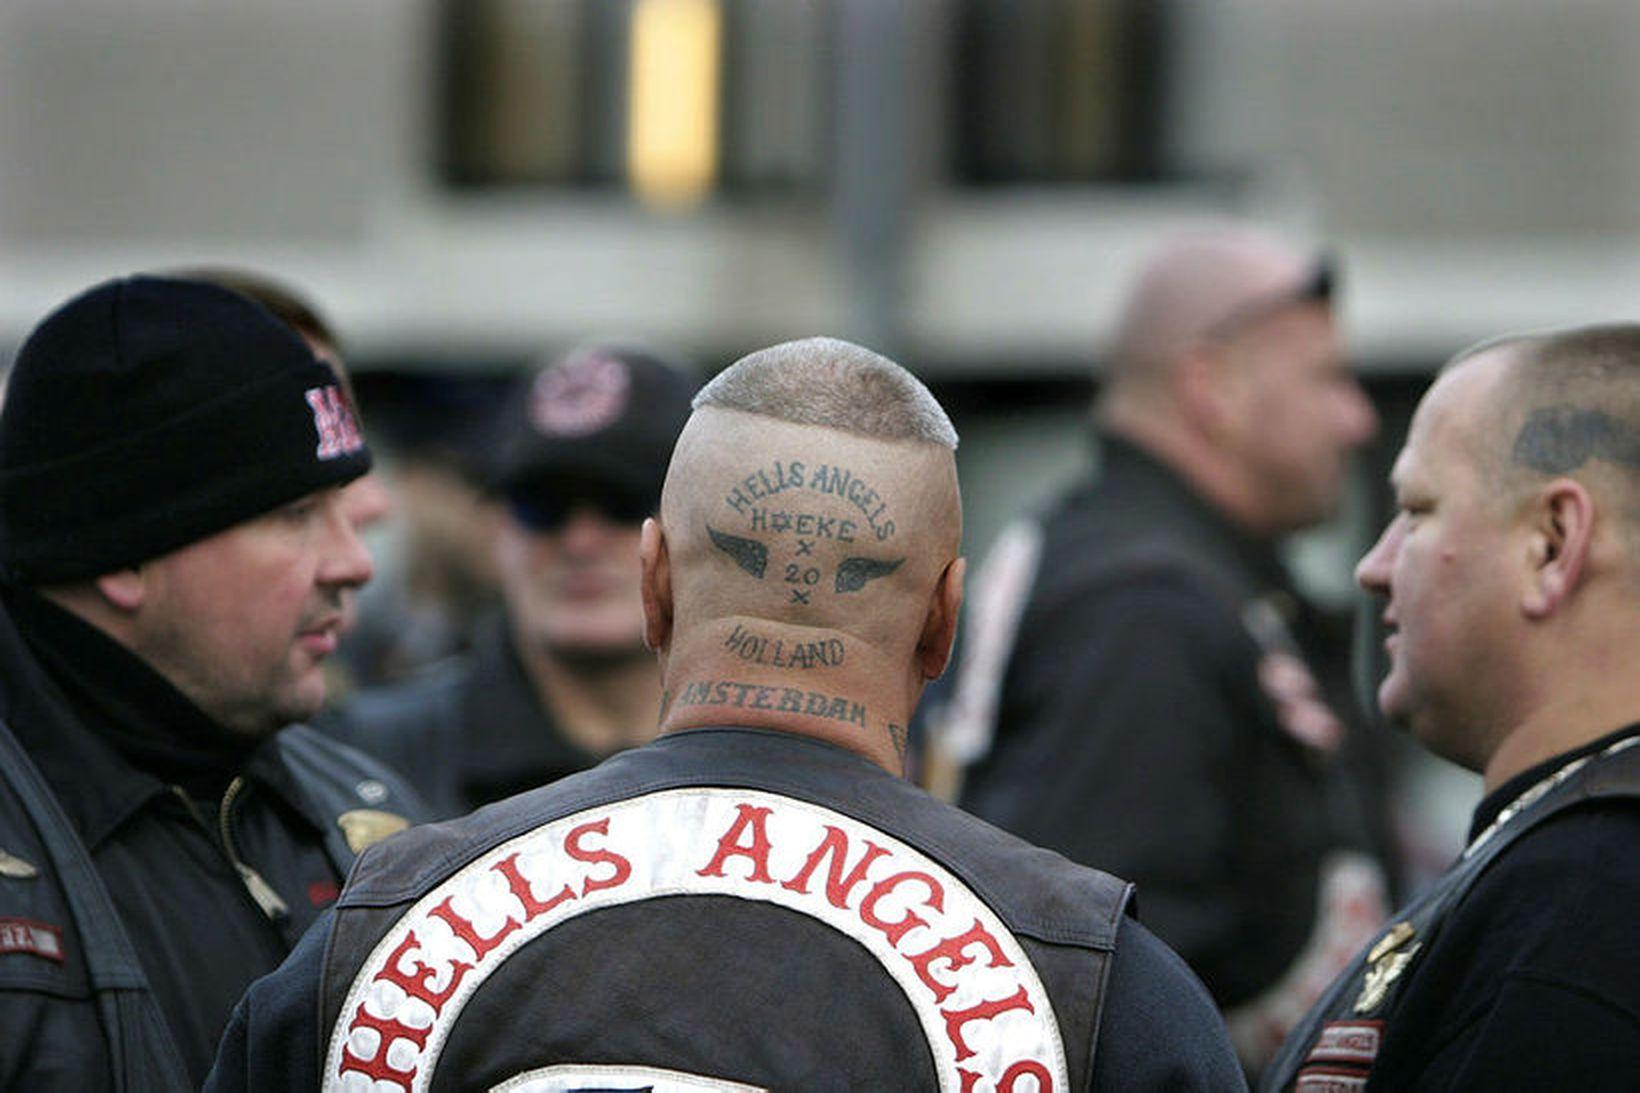 Vélhjólasamtökin Hells Angels voru stofnuð í Kaliforníu árið 1948 og …